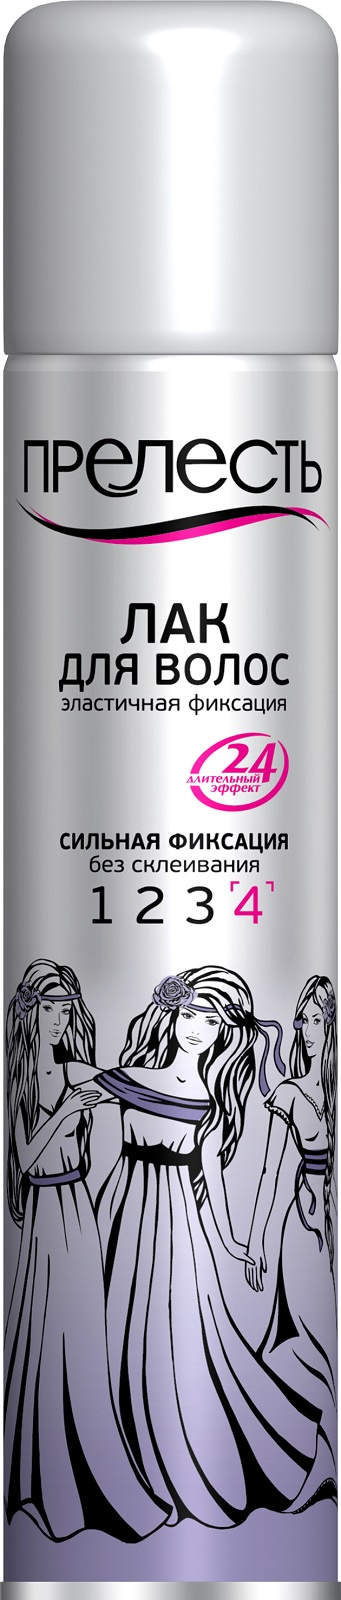 Лак для волос Прелесть сильной фиксации, 200 мл косметика для волос макадамия отзывы